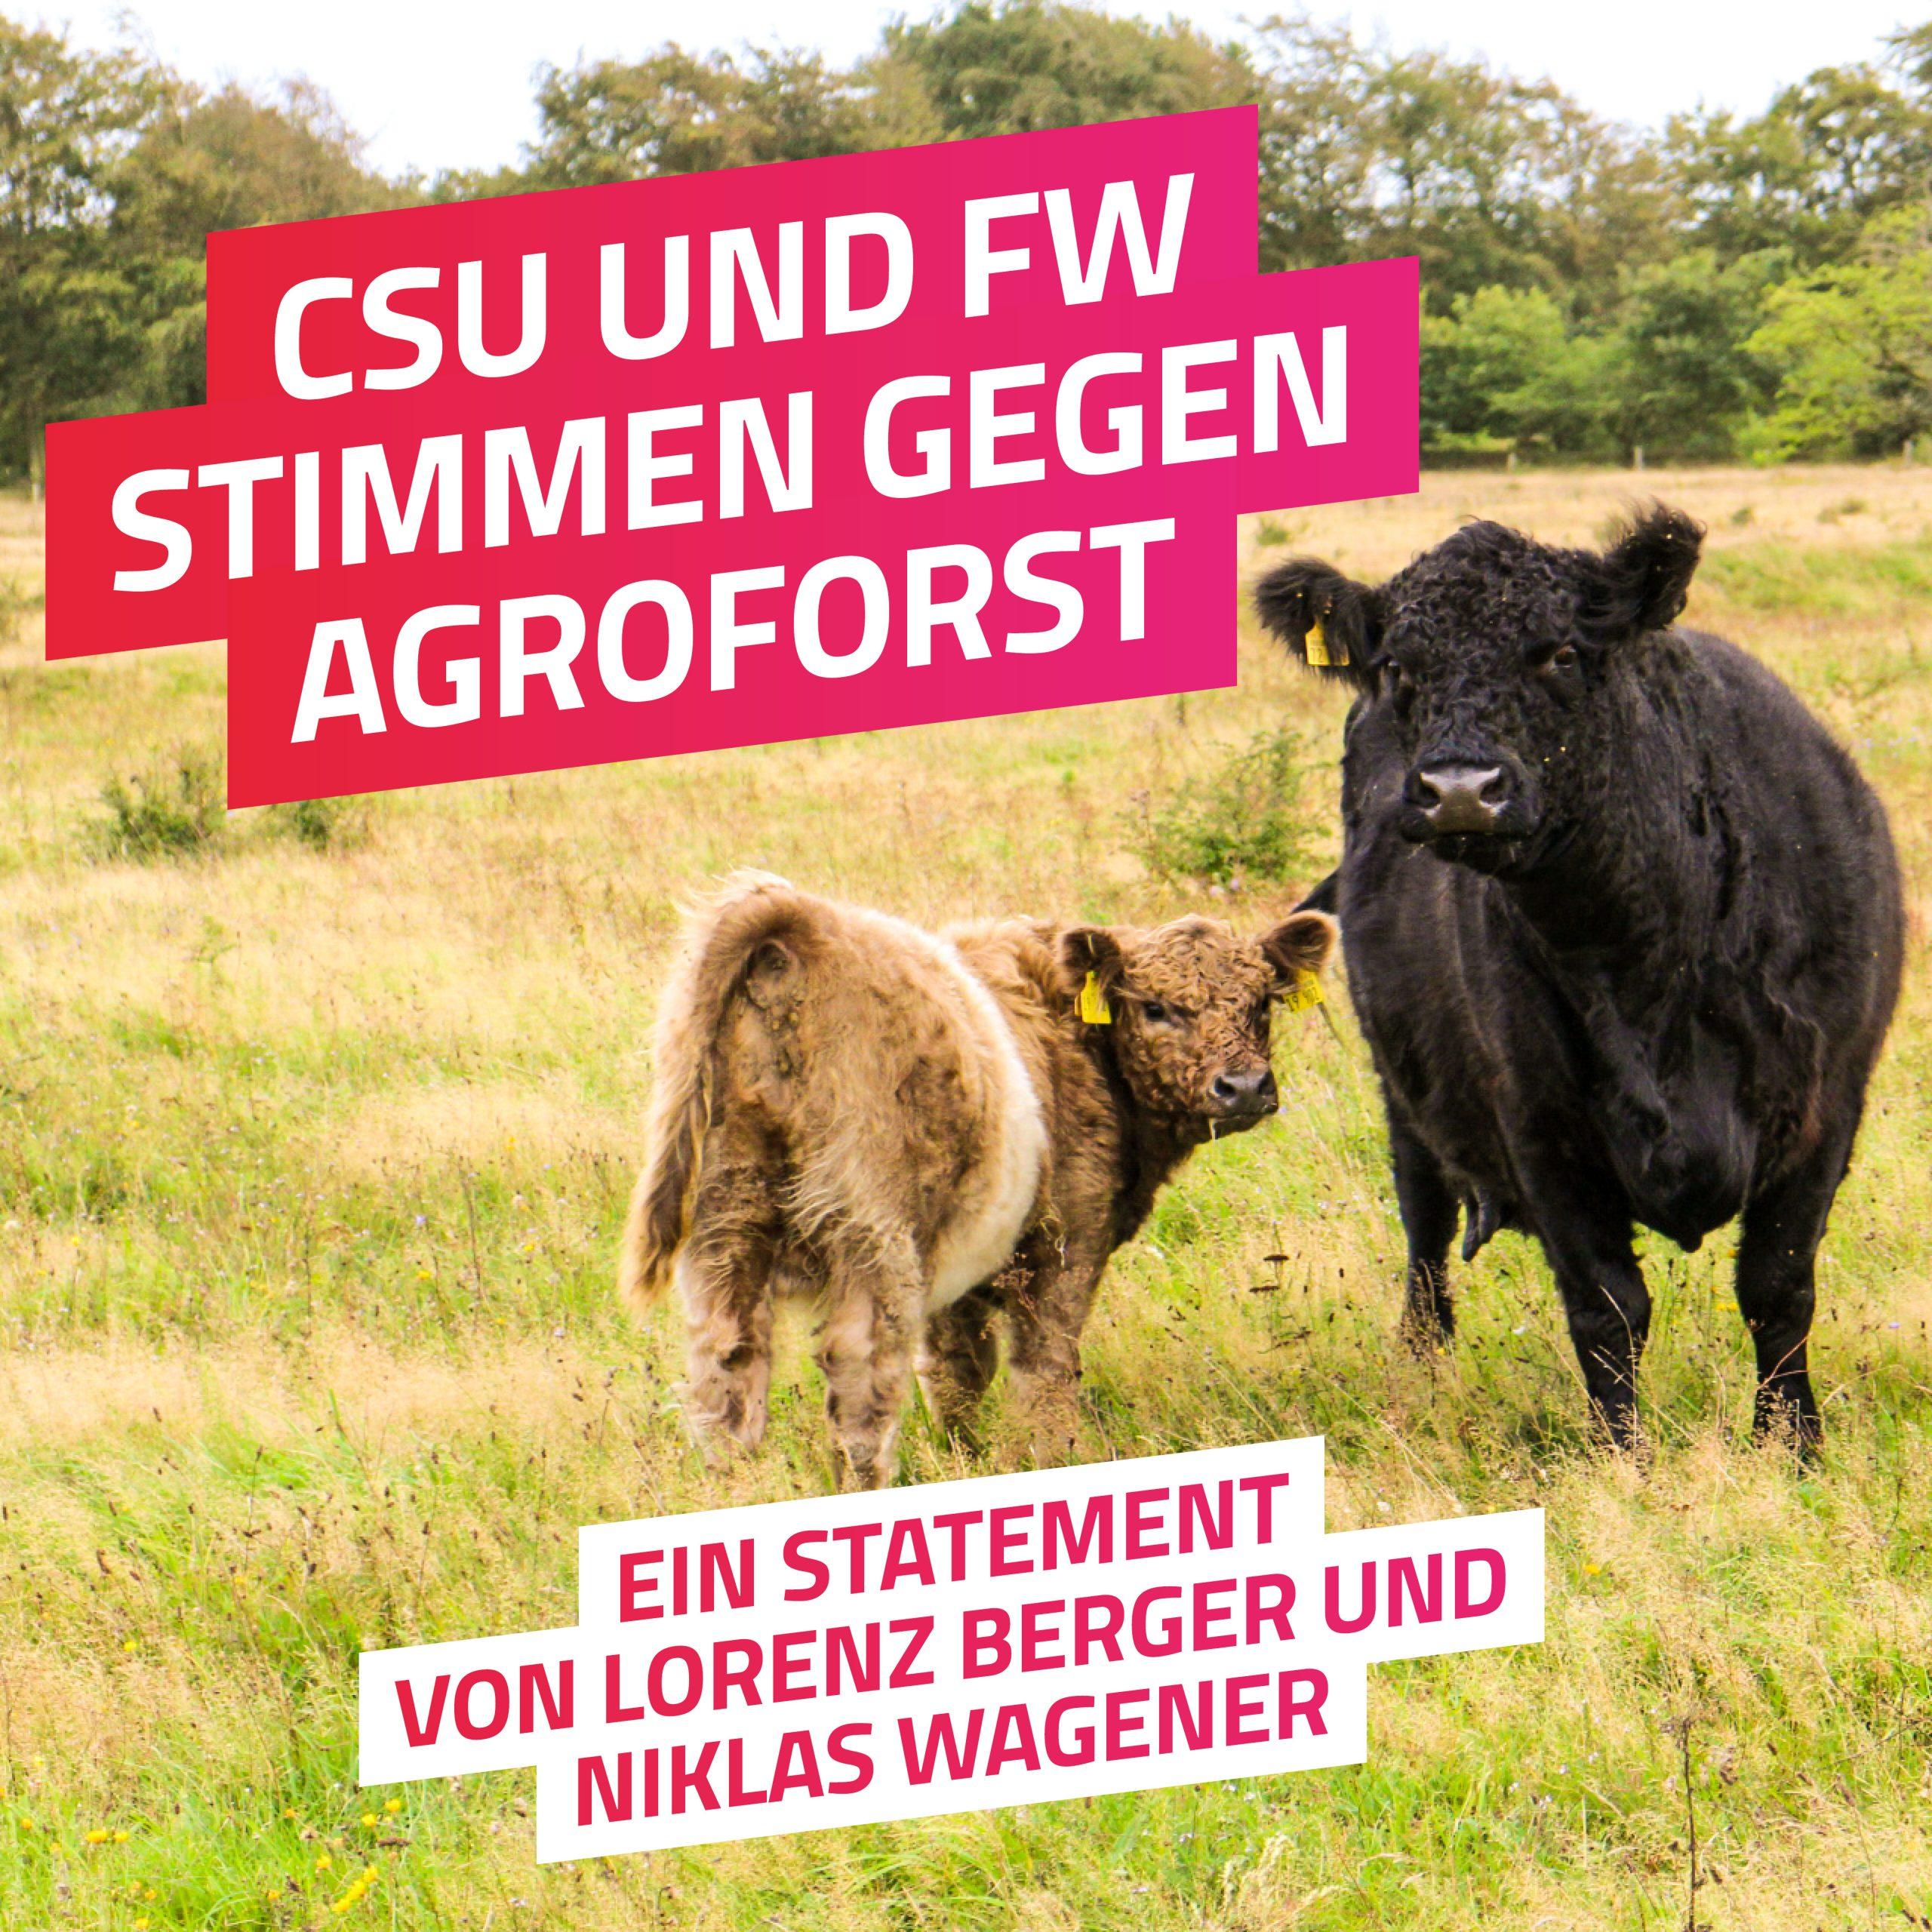 Agroforstforstwirtschaft im Bayerischen Landtag – Grüne Anträge werden abgelehnt.